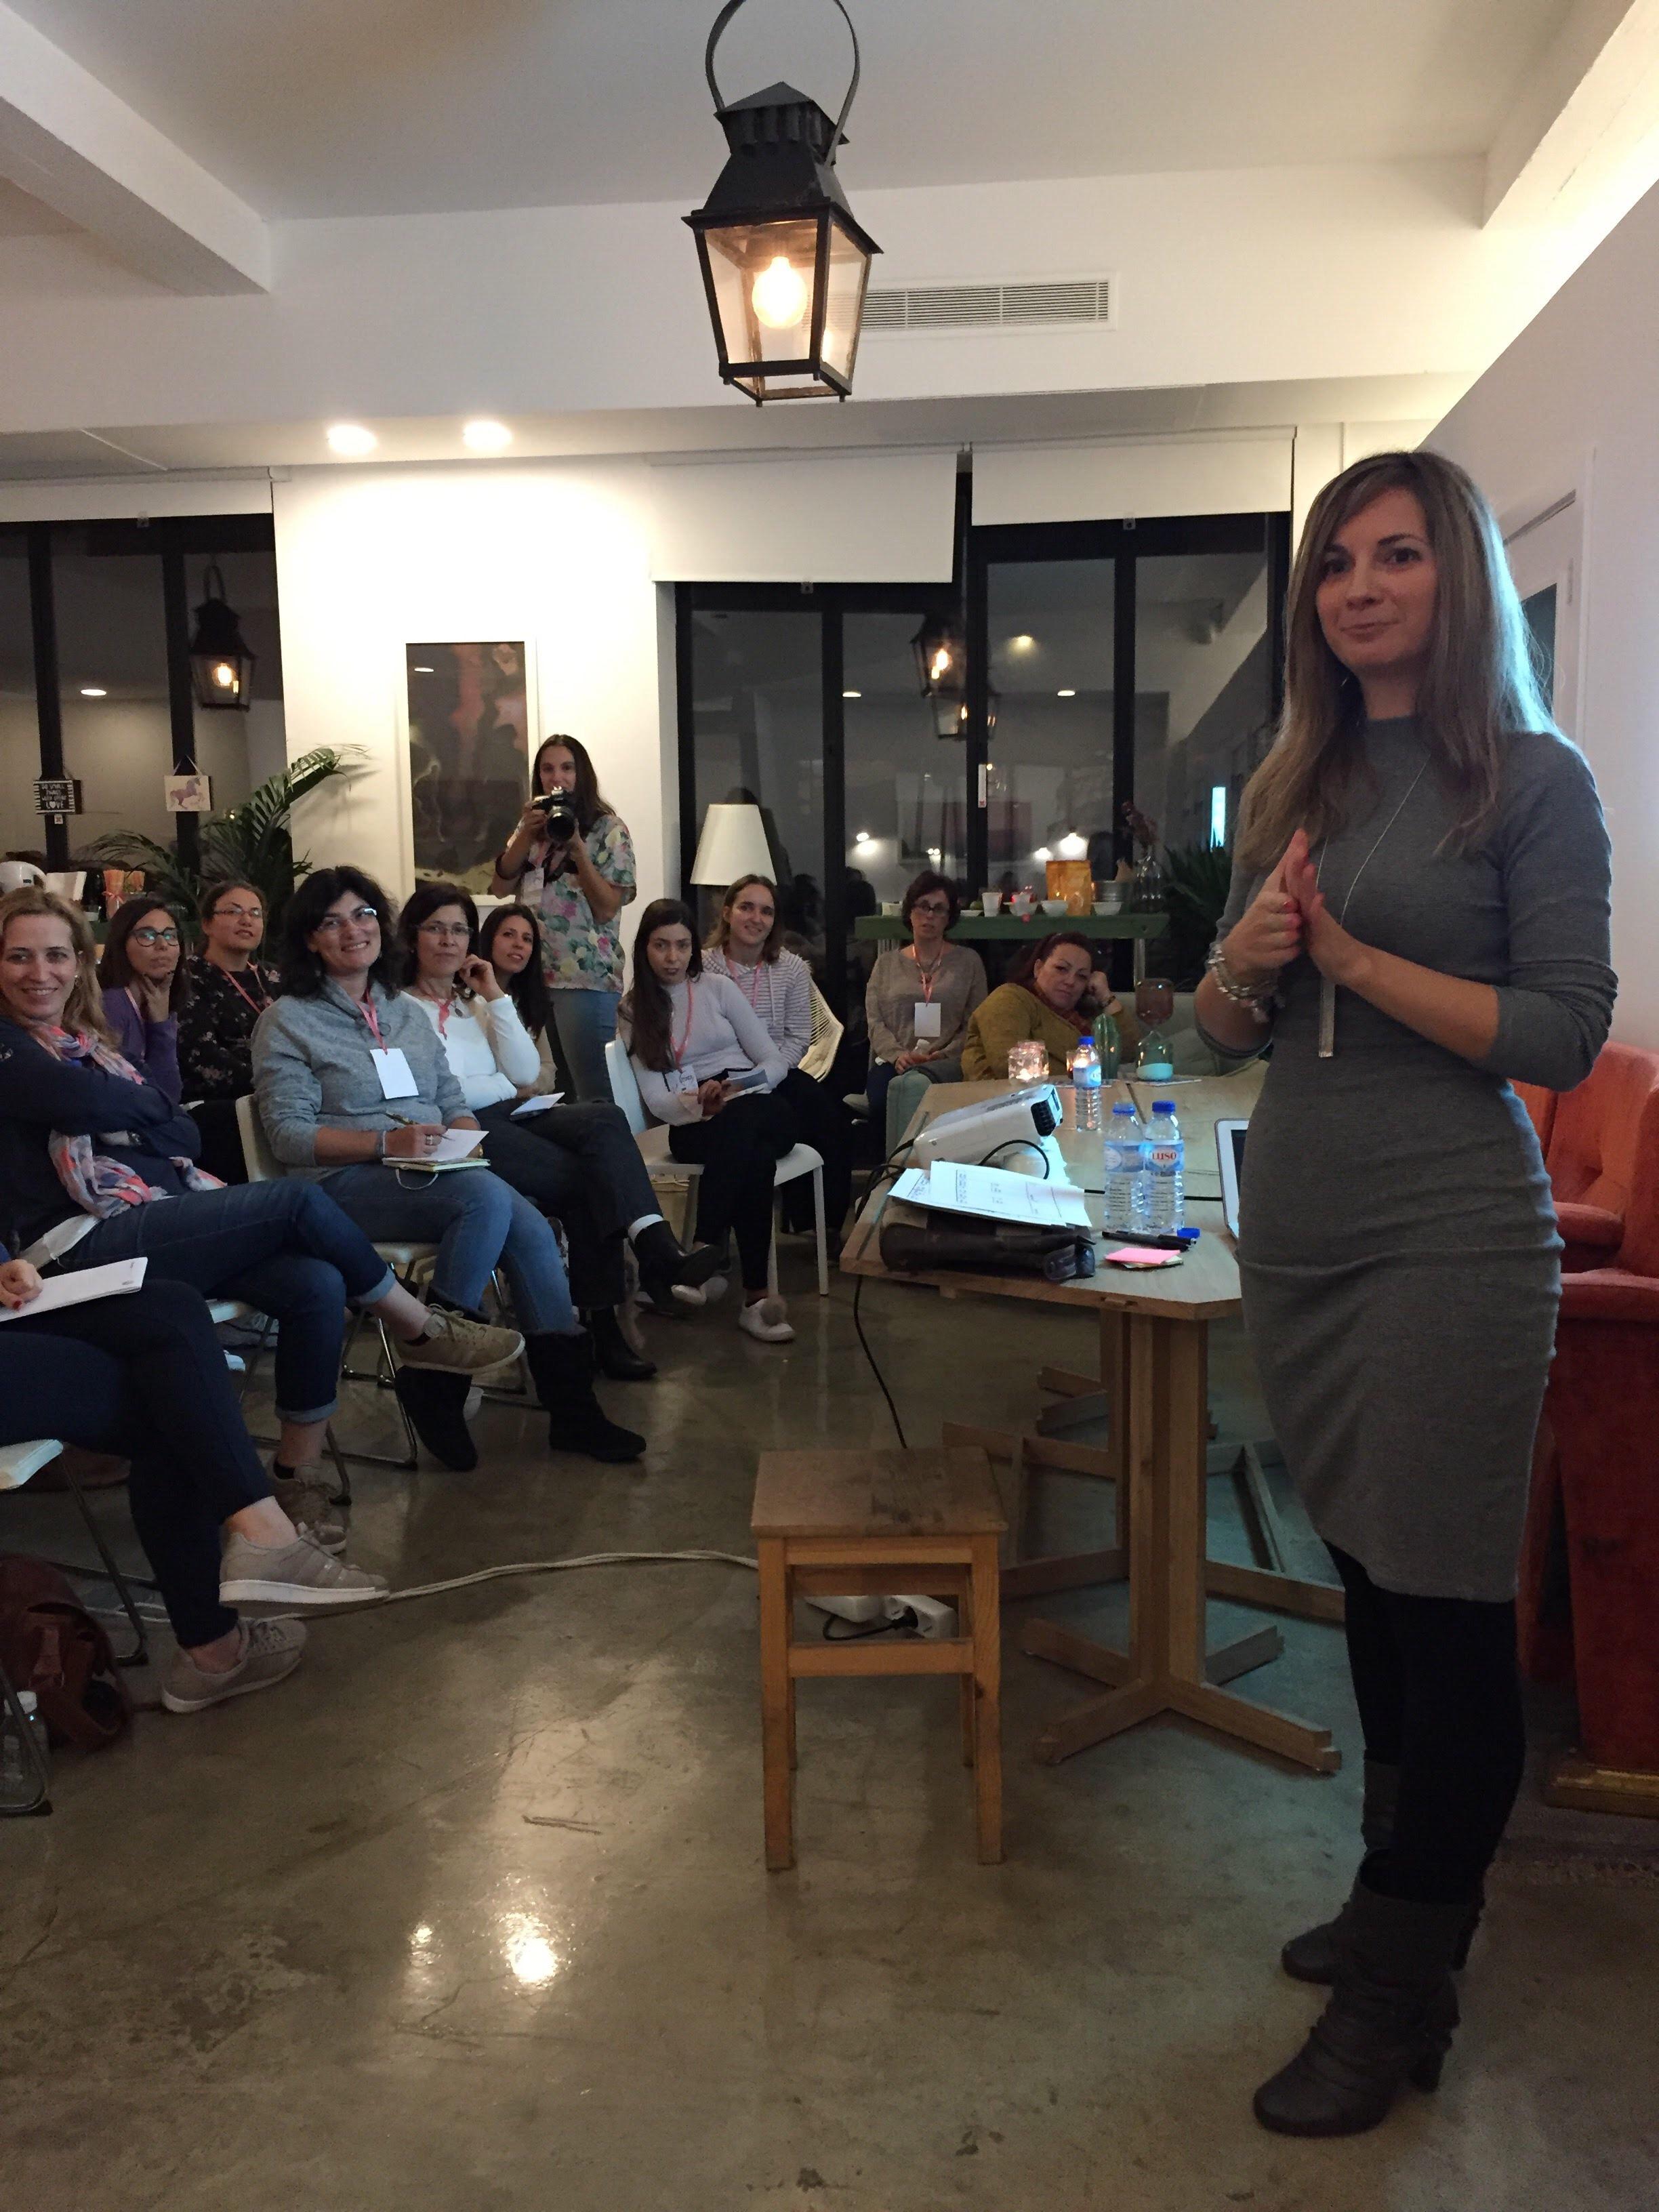 Jaqueline Silva sobre empreendedorismo no evento Blogging for a cause